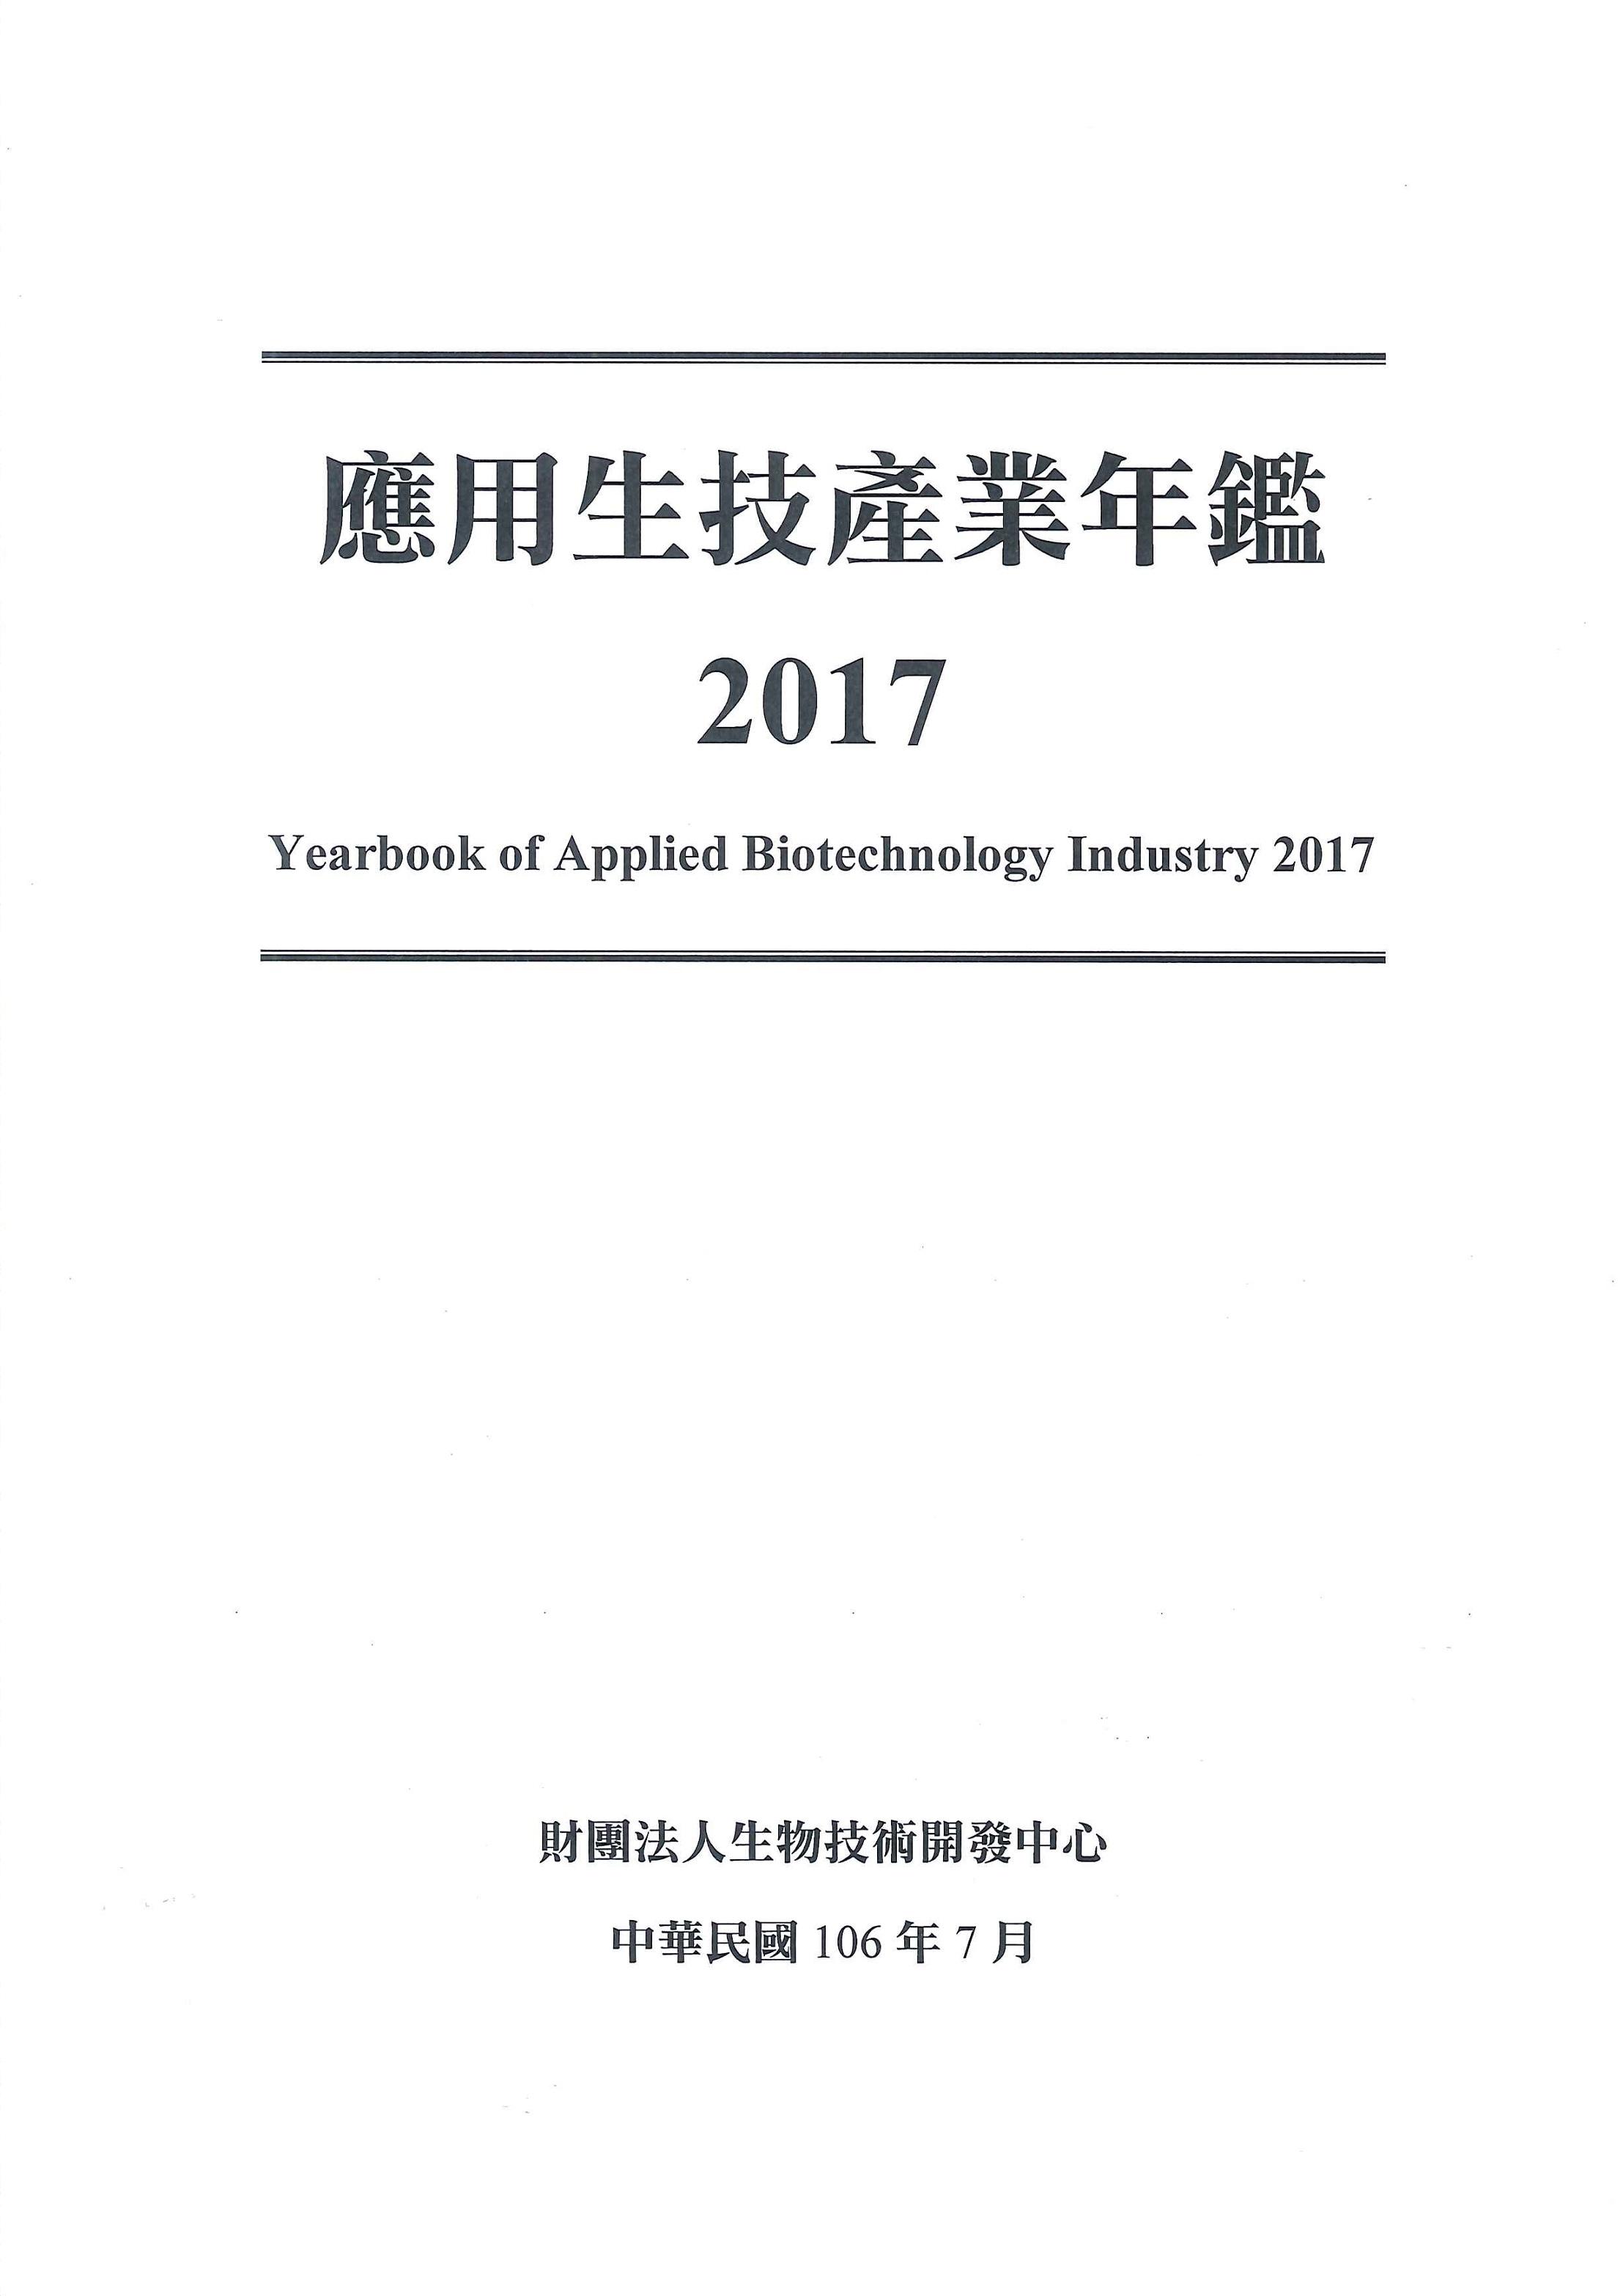 應用生技產業年鑑=Yearbook of applied biotechnology industry